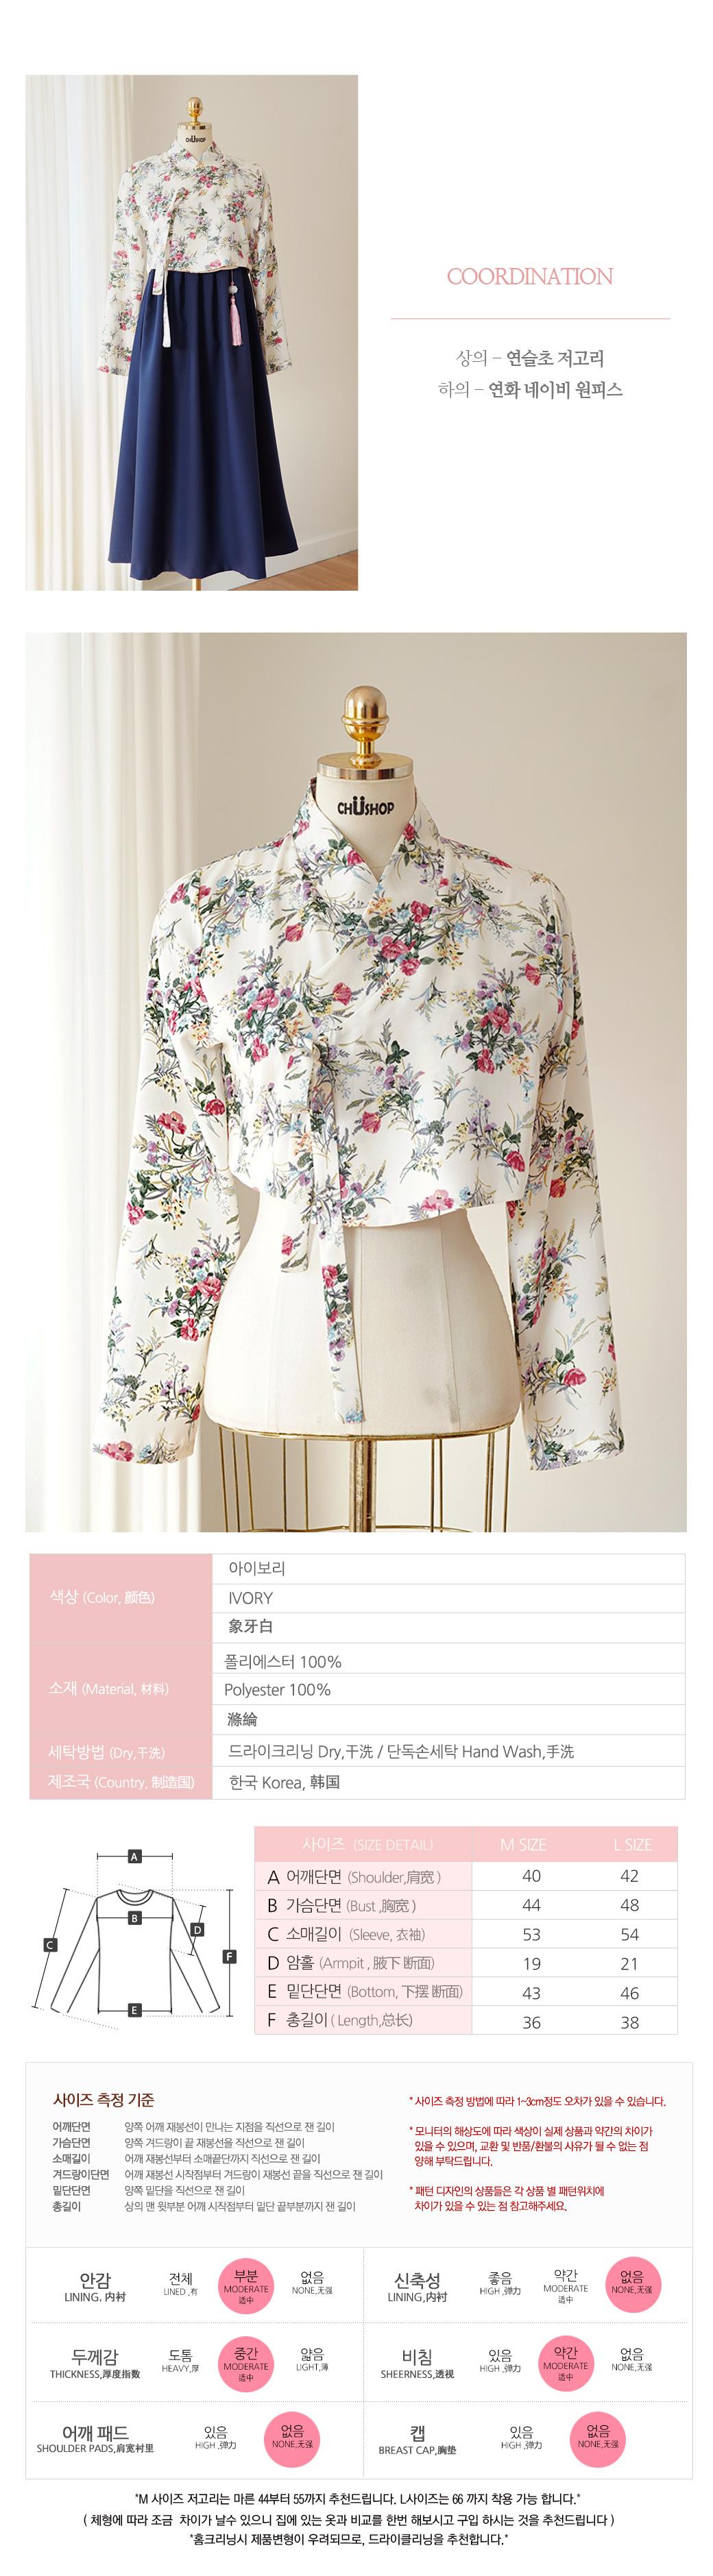 생활한복세트 연슬초+연화 네이 원피스 - 츄샵, 85,900원, 생활한복, 여성한복